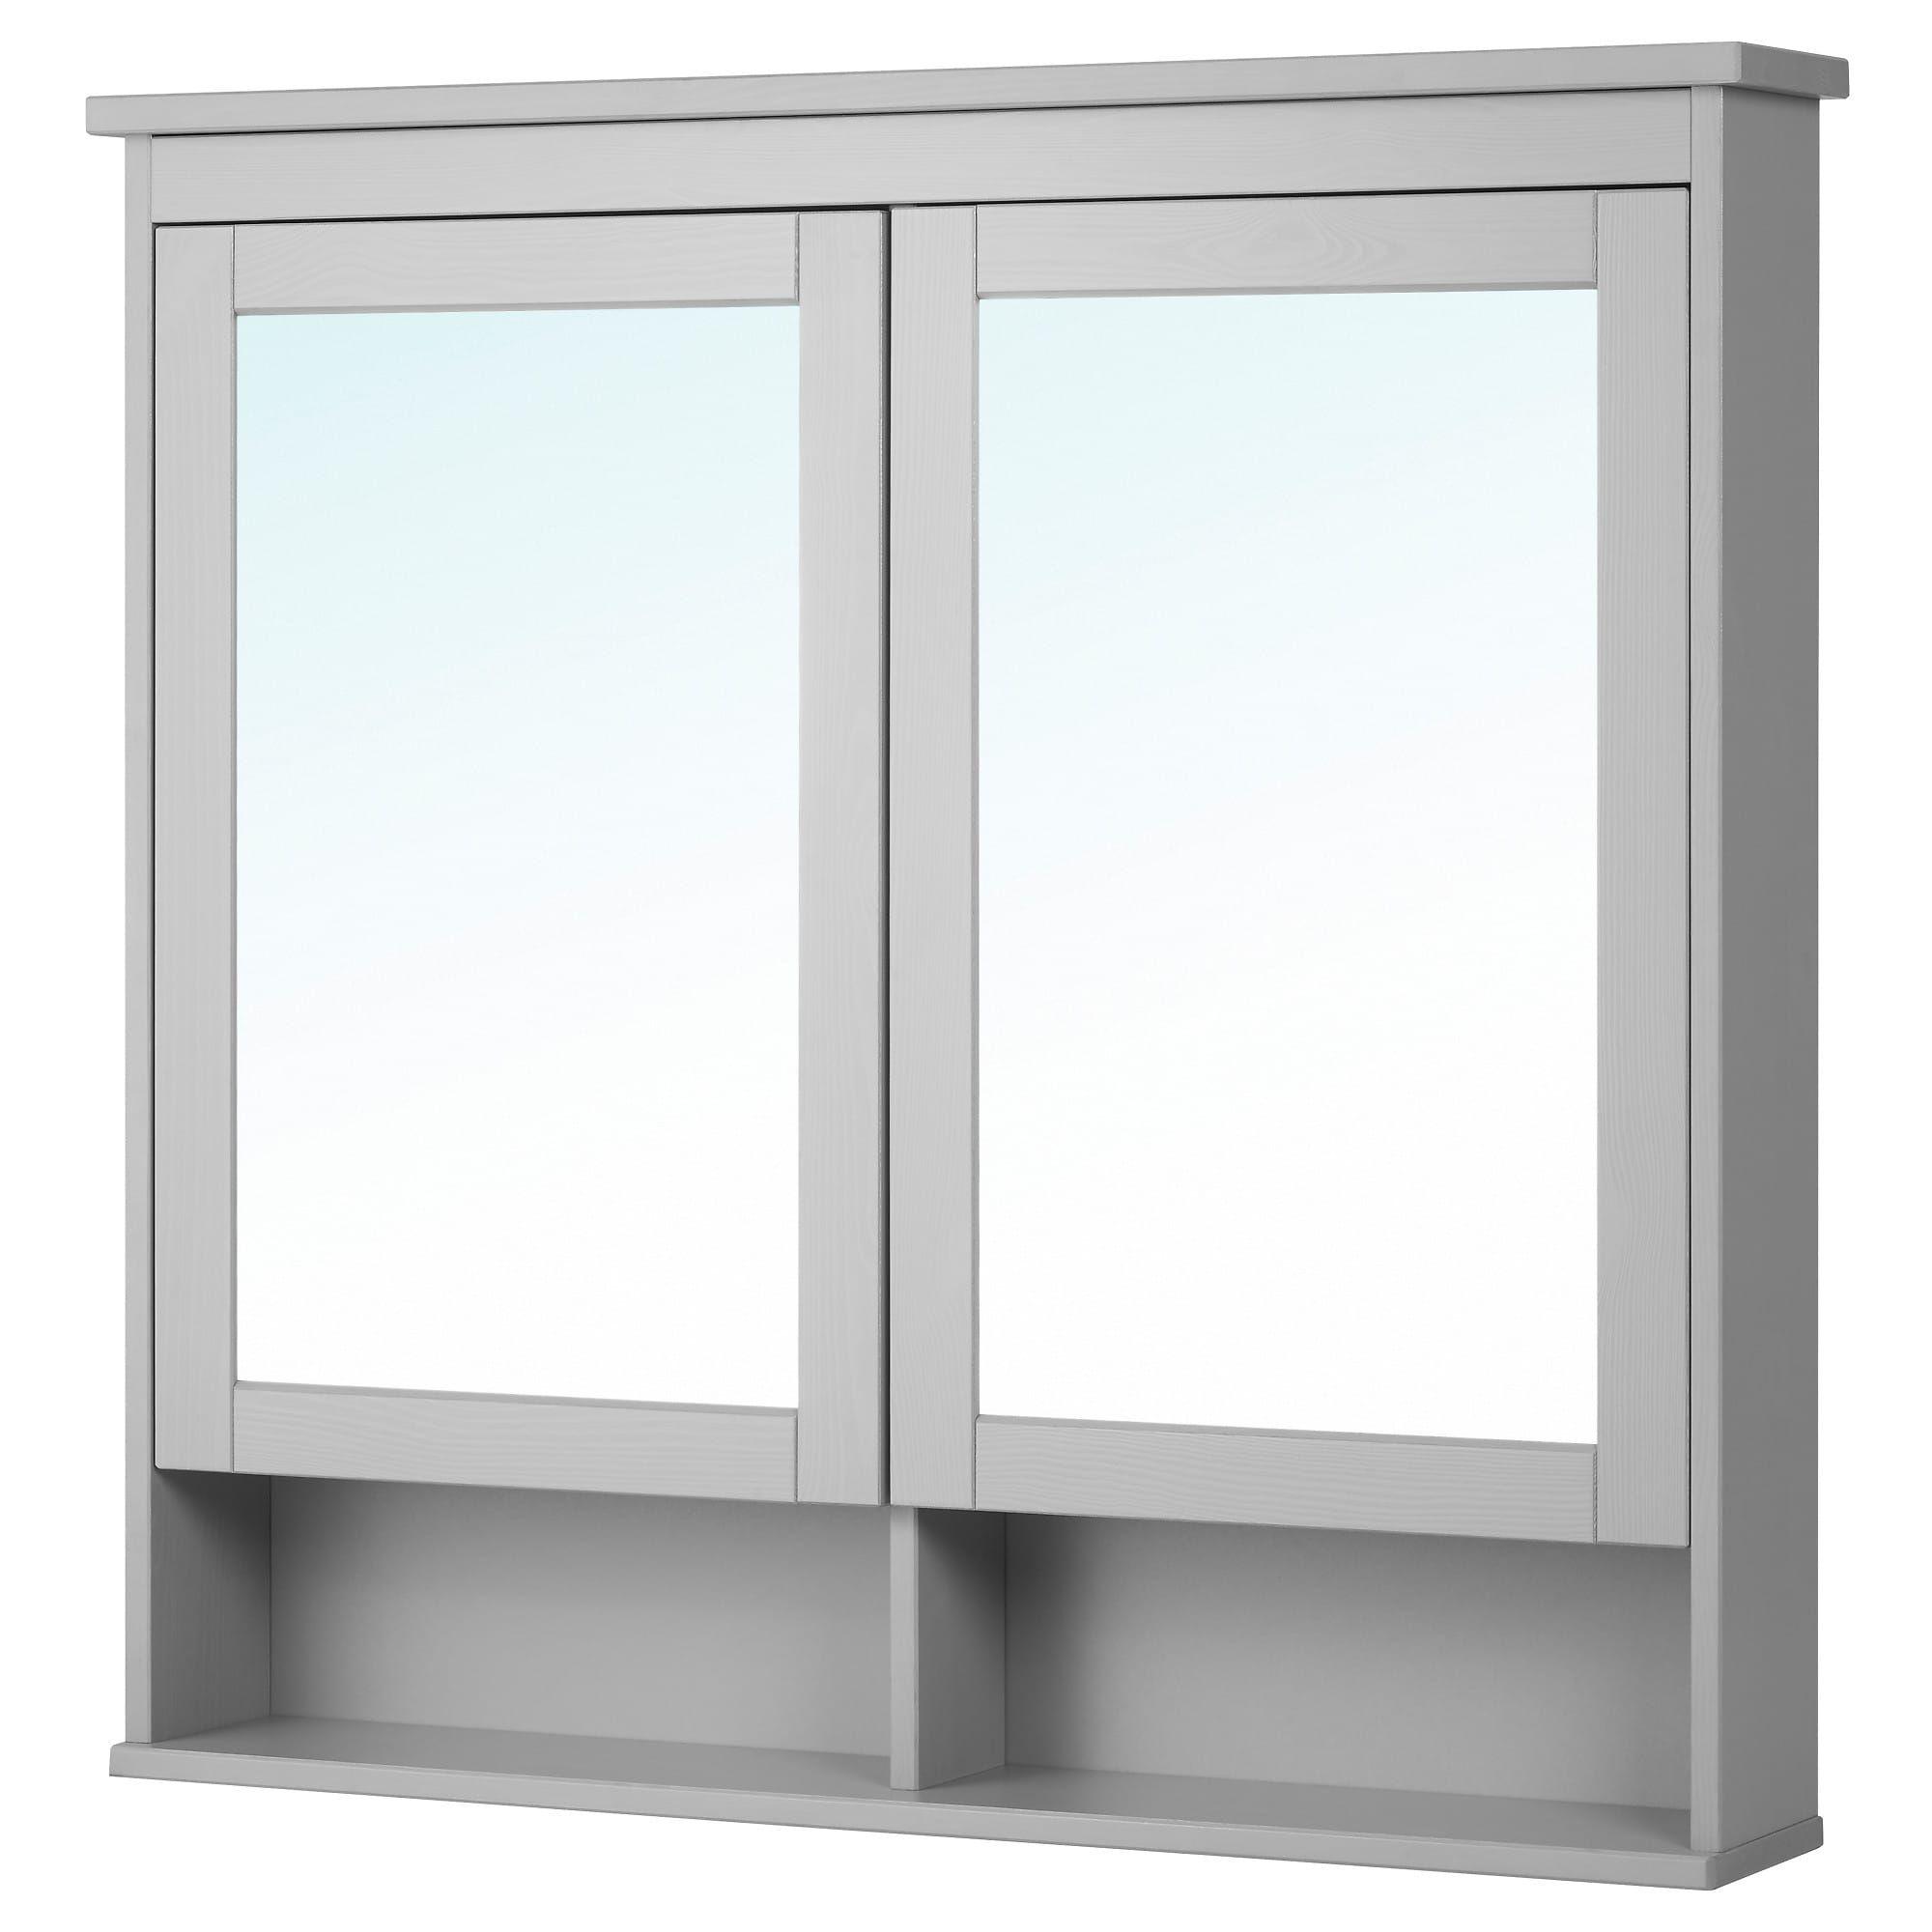 Hemnes Spiegelschrank 2 Turen Grau Ikea Deutschland Mit